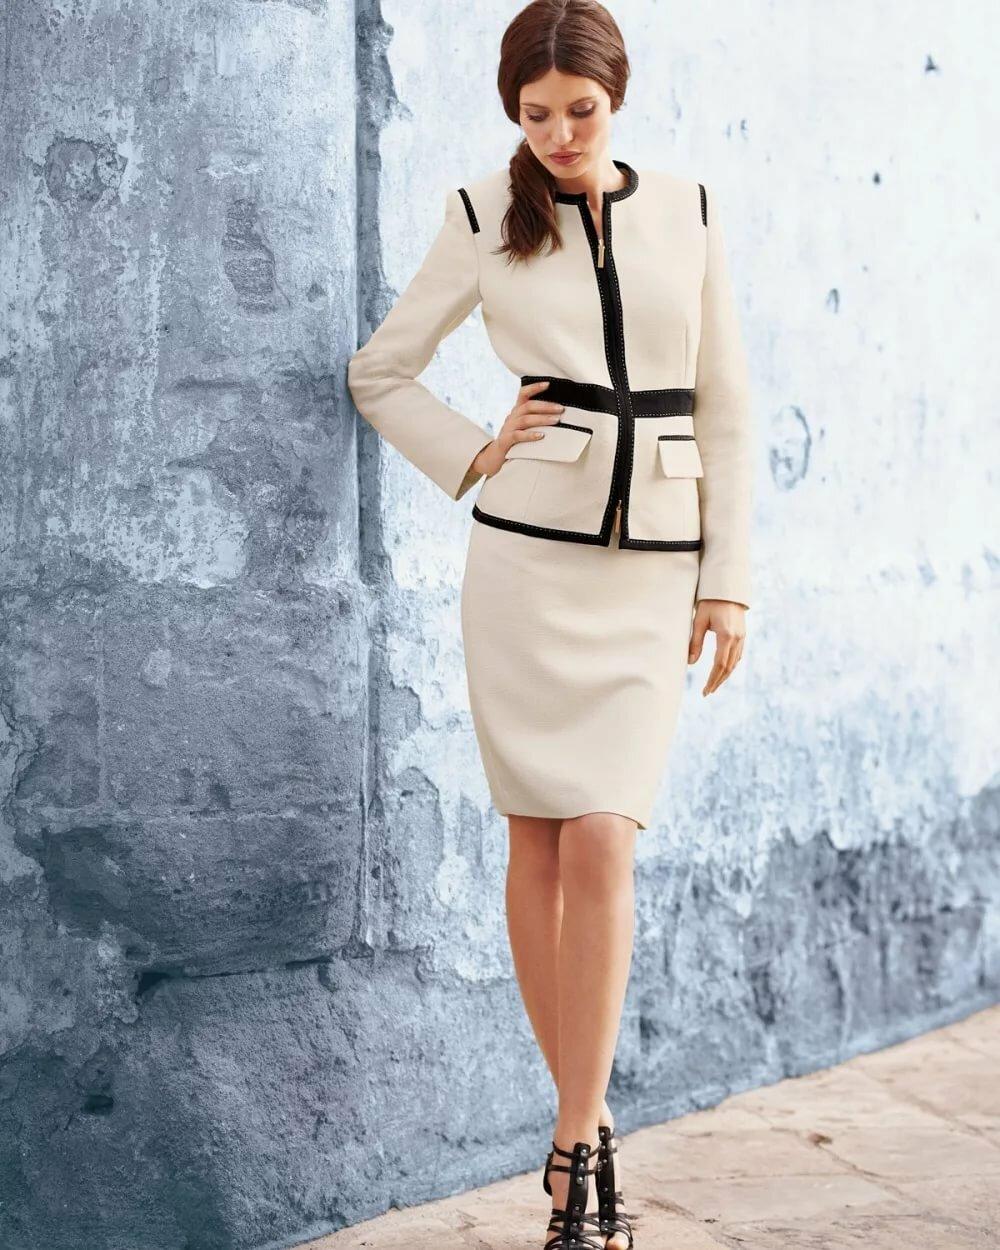 классика одежда женская фото одежда становится просто